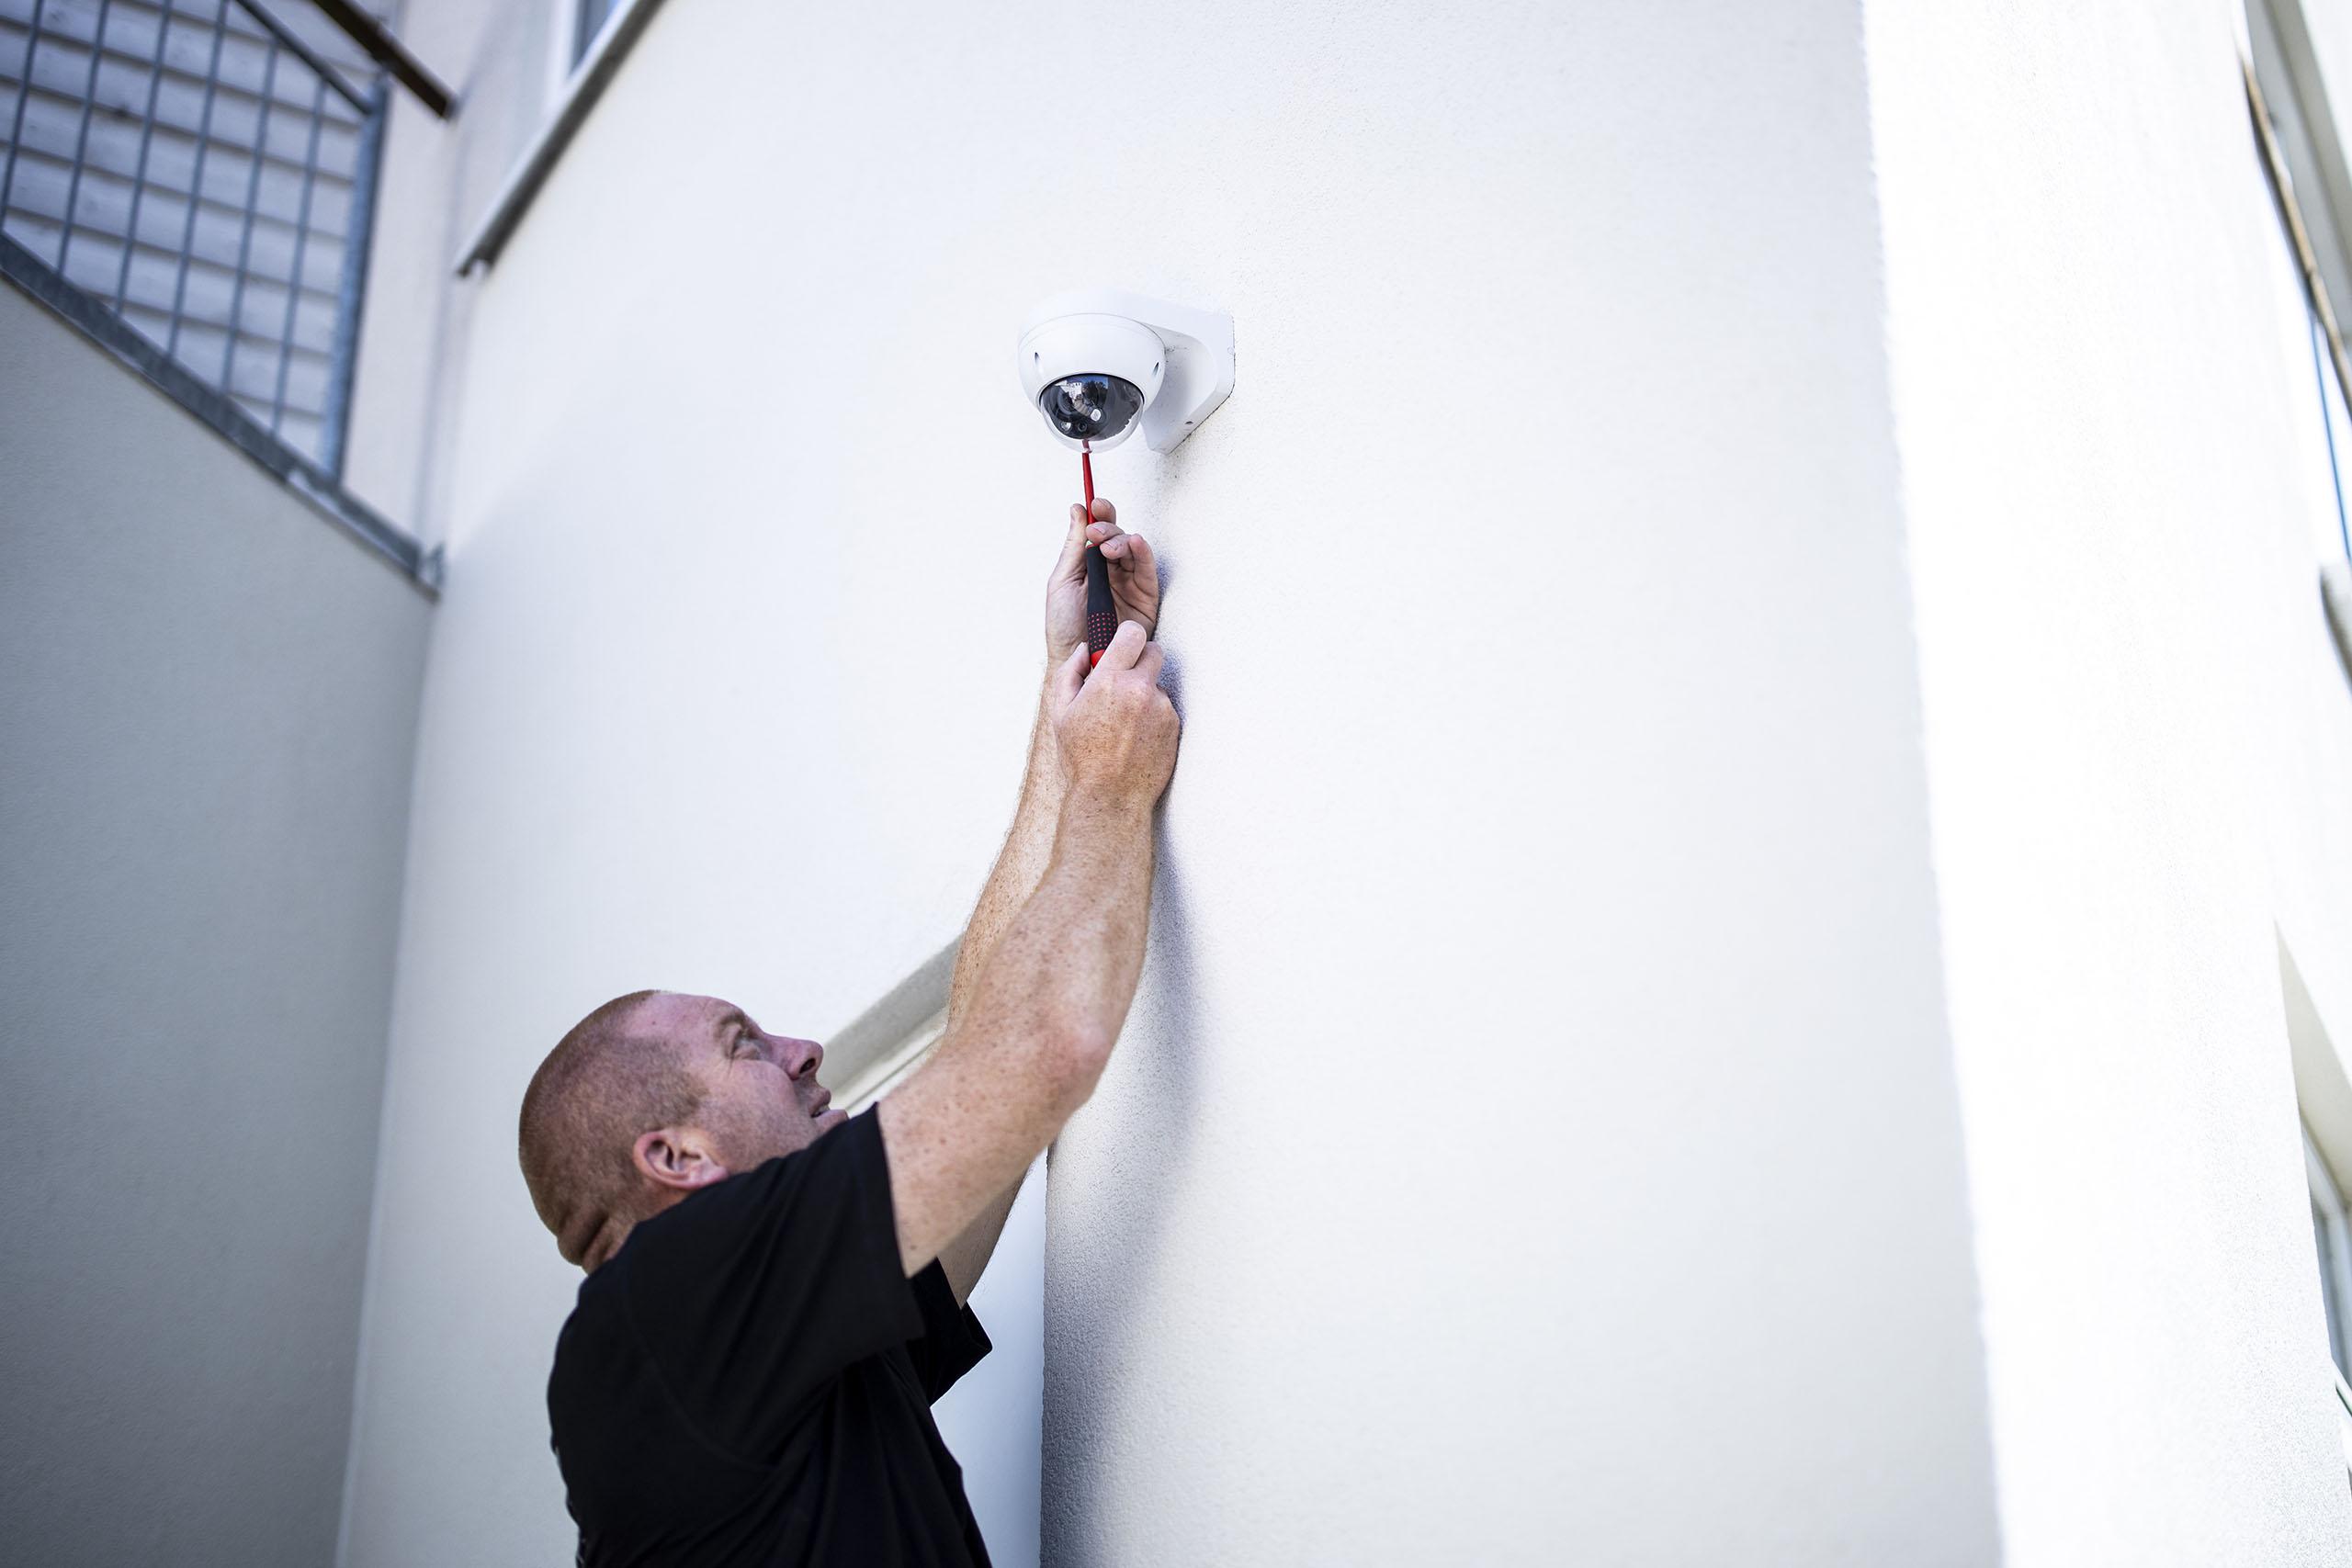 montering af overvågningskamera til sikring